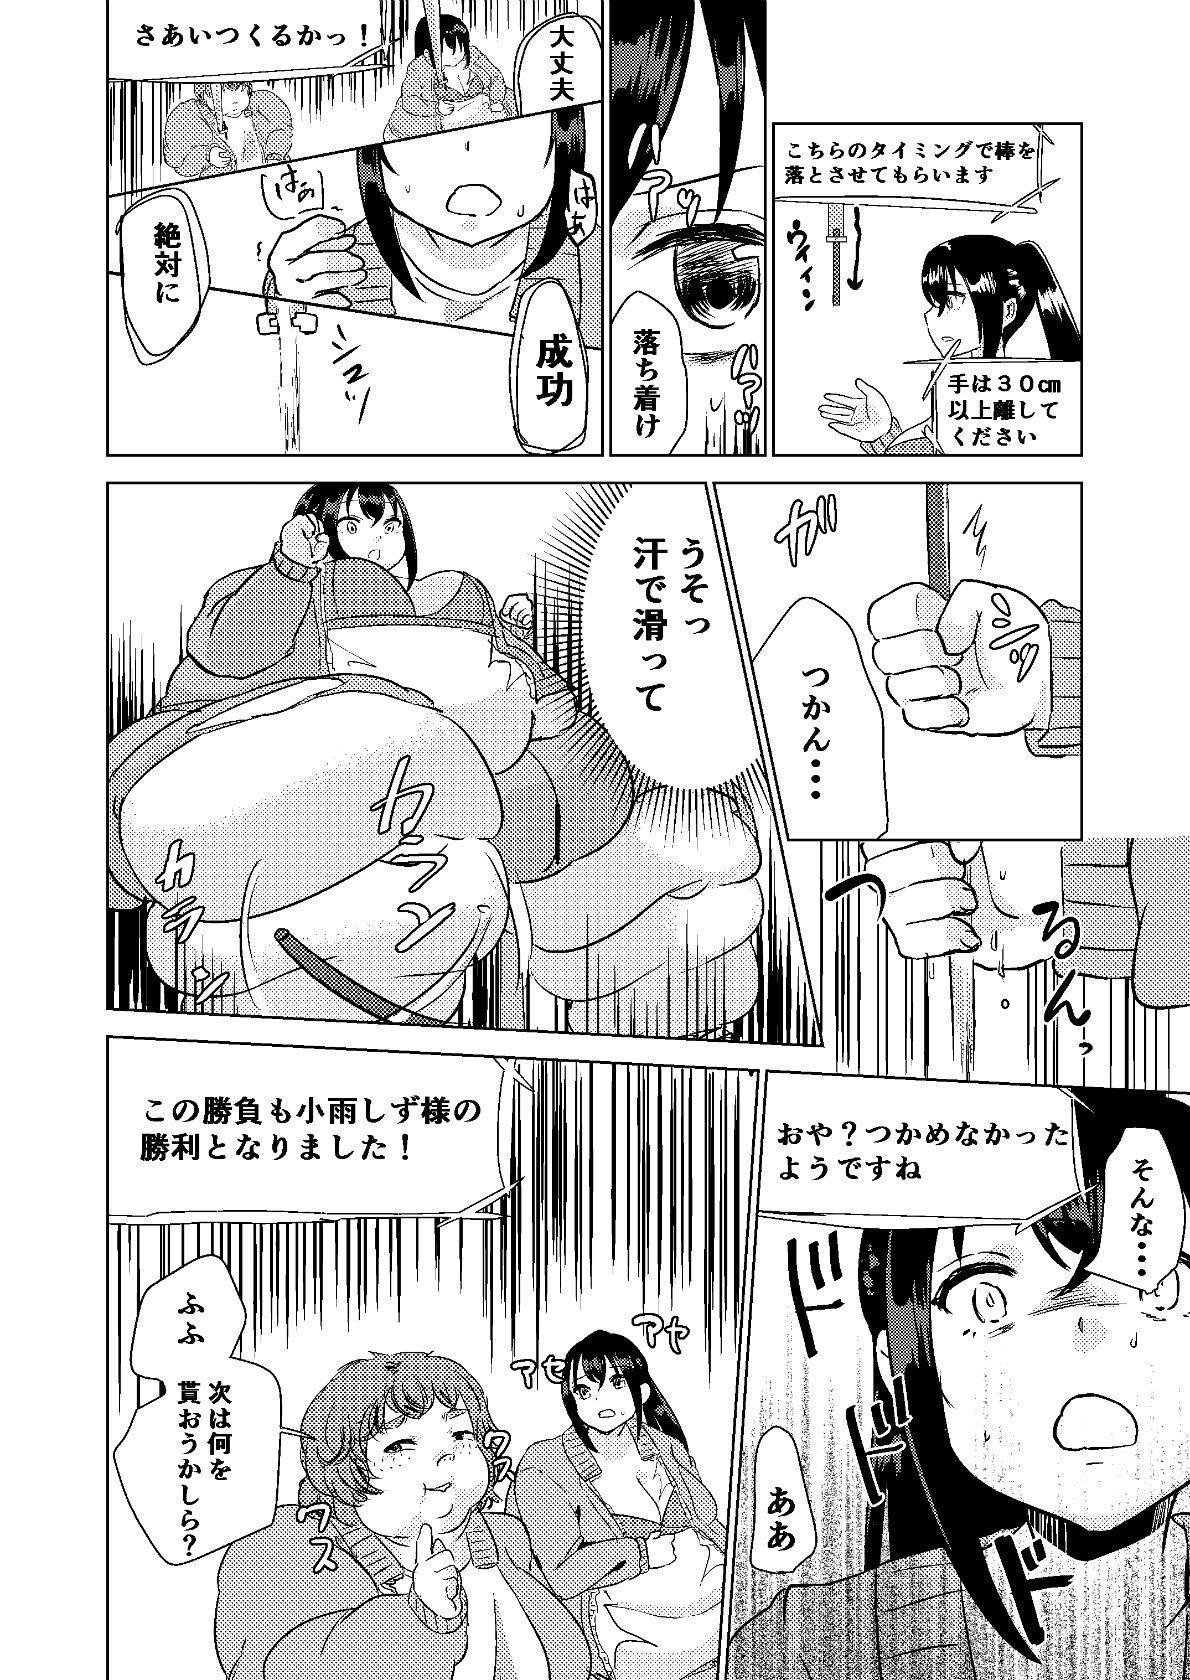 Kyou kara Watashi wa Anata ni Naru. 21